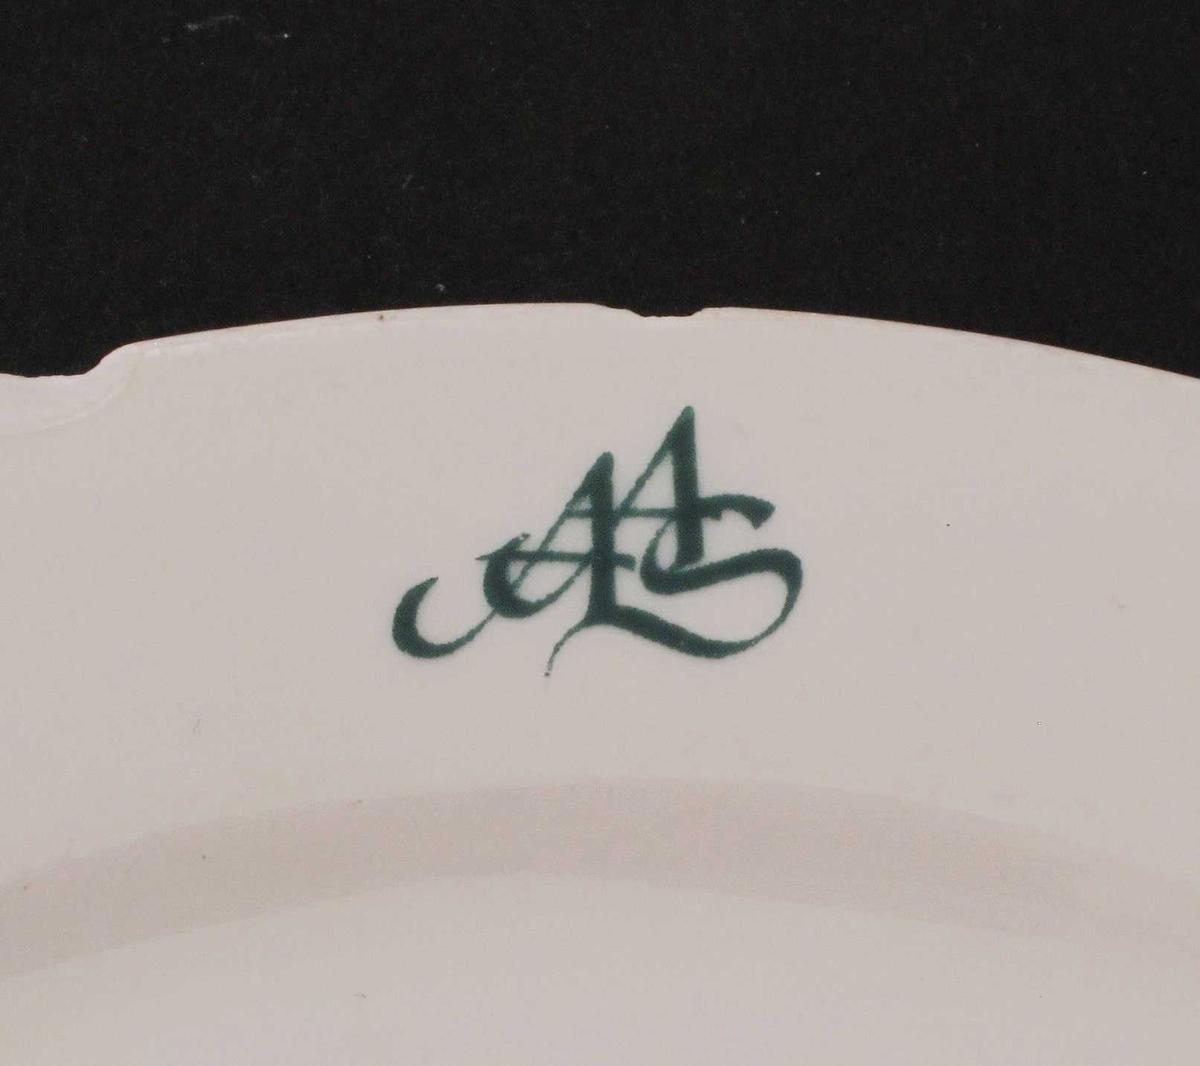 Porselenstallerken.  Hvitglasert.  Flat bunn med lav flat skrånende kant.  Tre stekk - to ove og til venster for monogram, og en nederst nær miten.